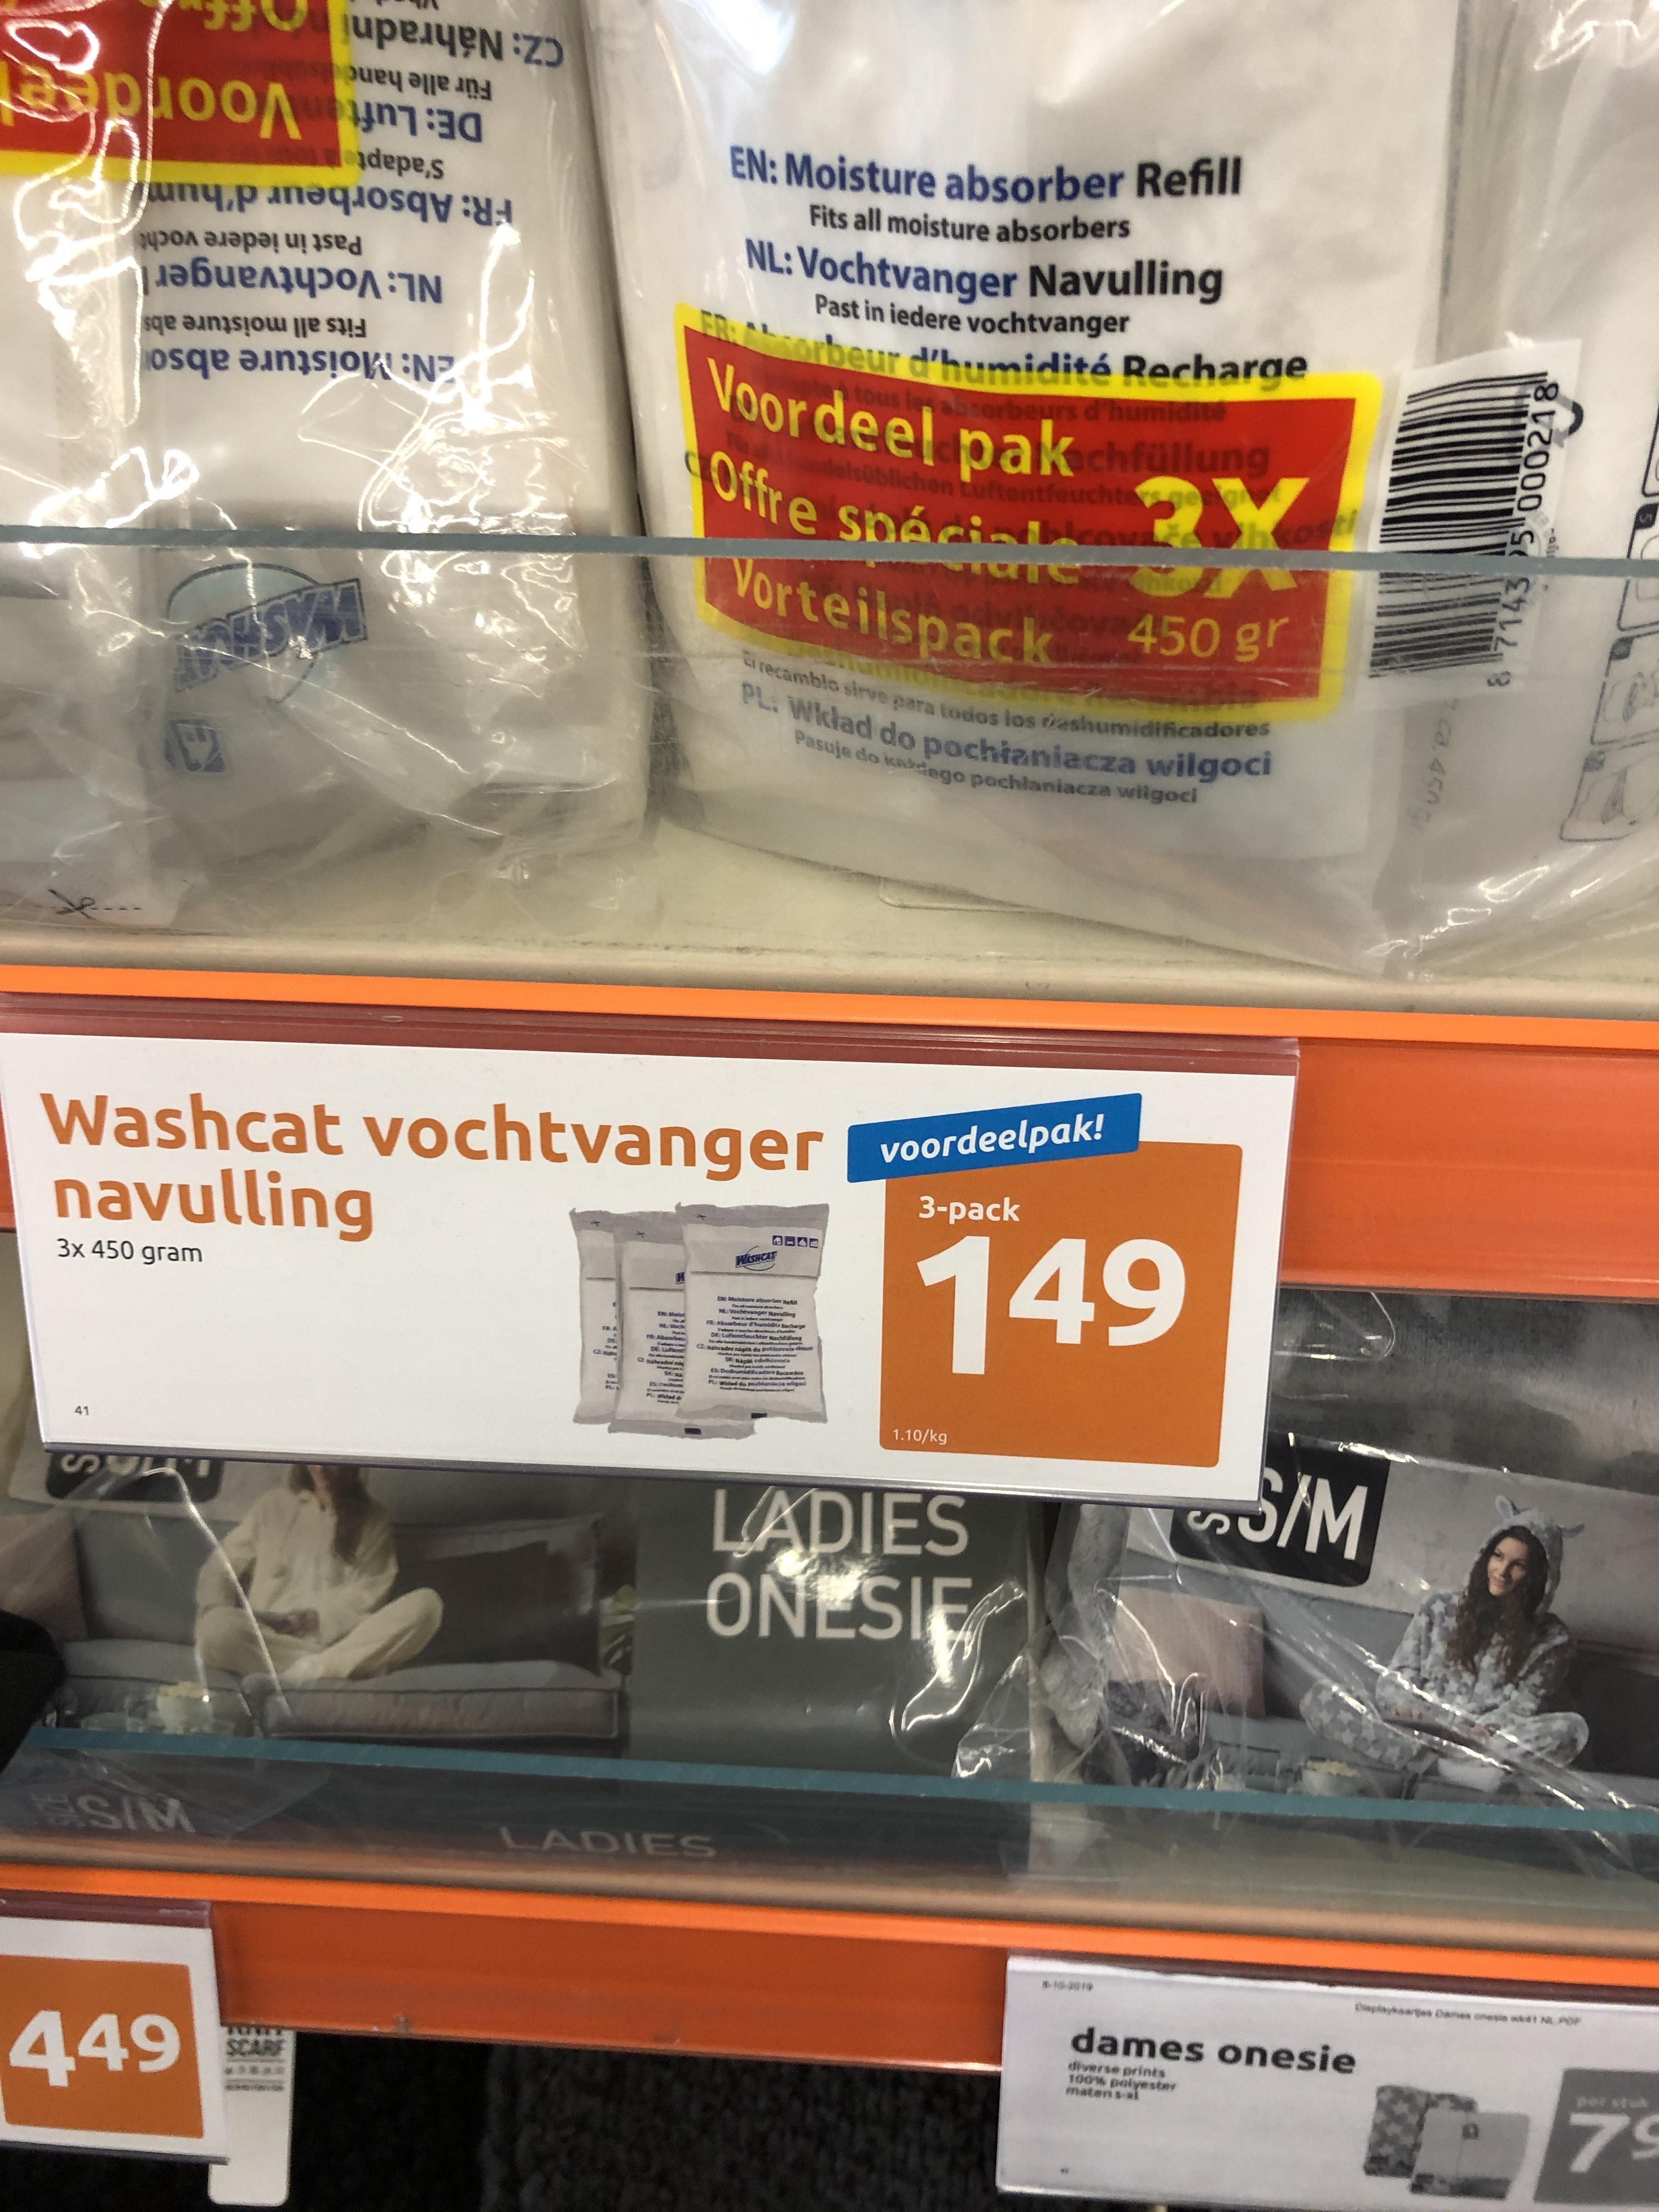 Voordeelverpakking washcat vochtvanger navulling. 0,55 los of 0,50 p.s. als voordeelverpakking